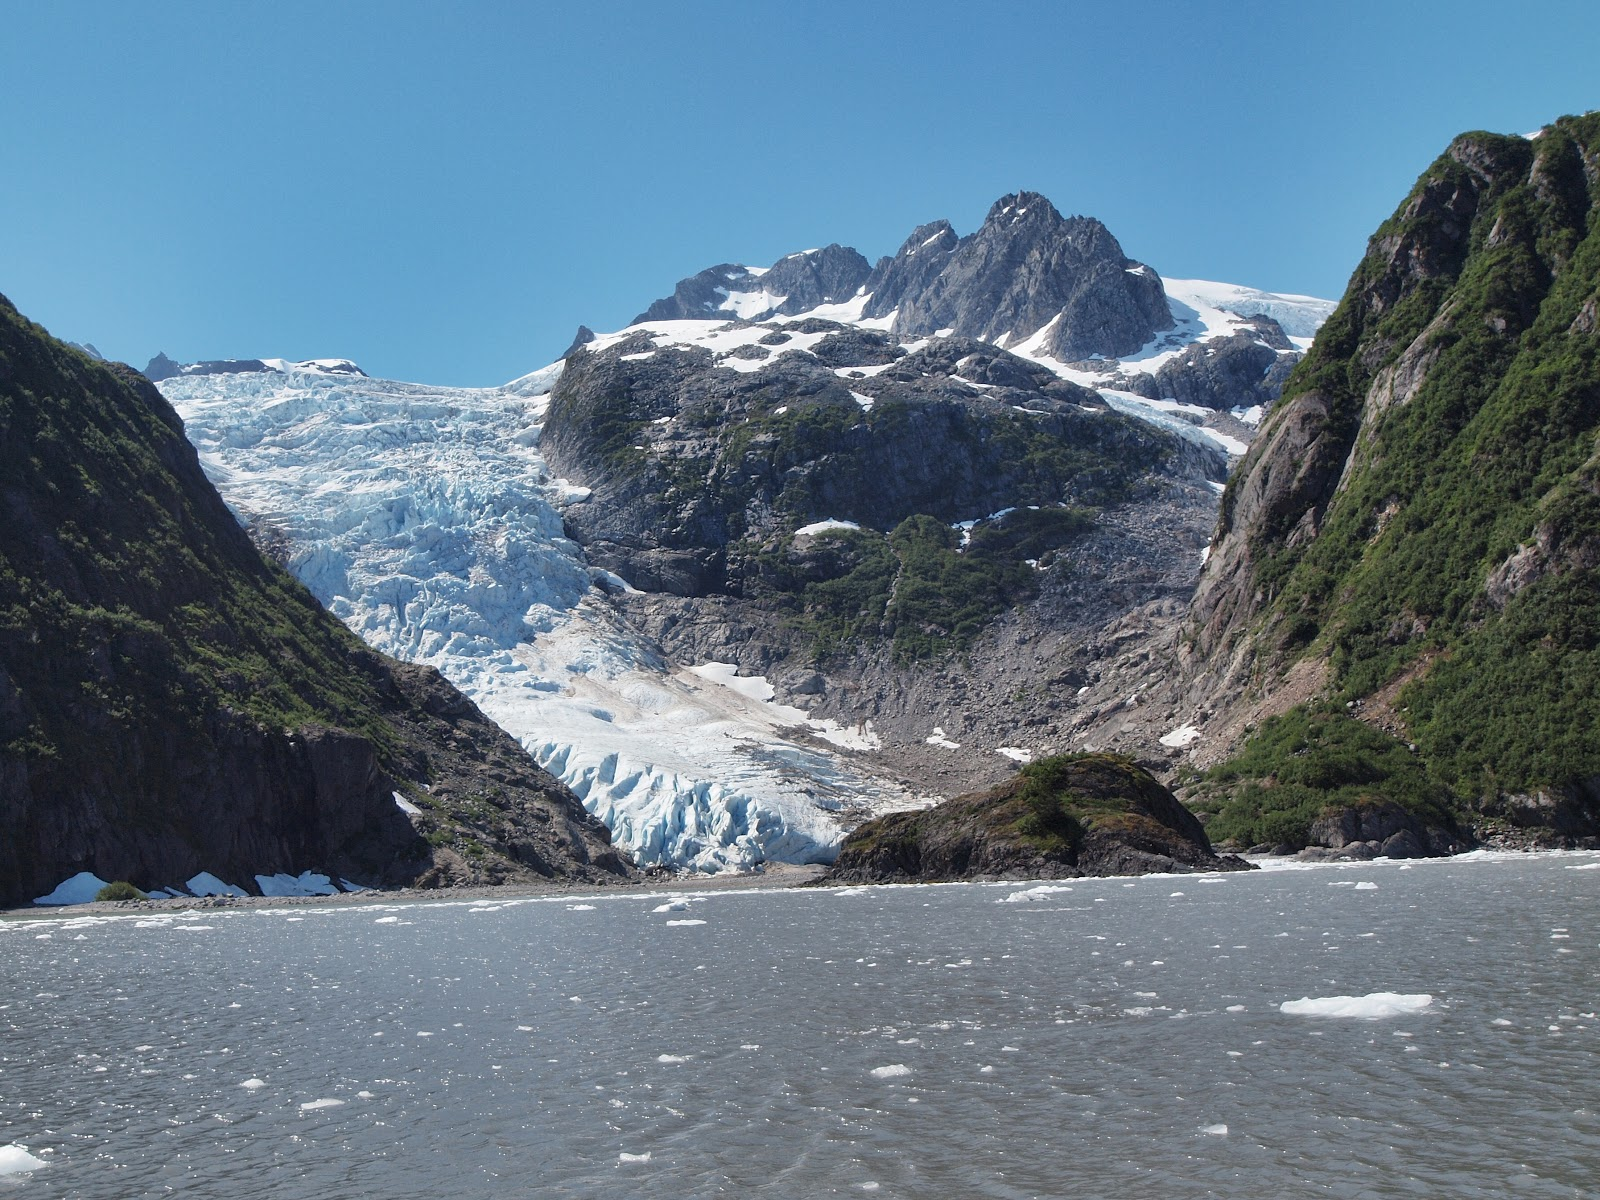 Glacier Arm,  #Alaska #resurrectionbay #glacier 2013